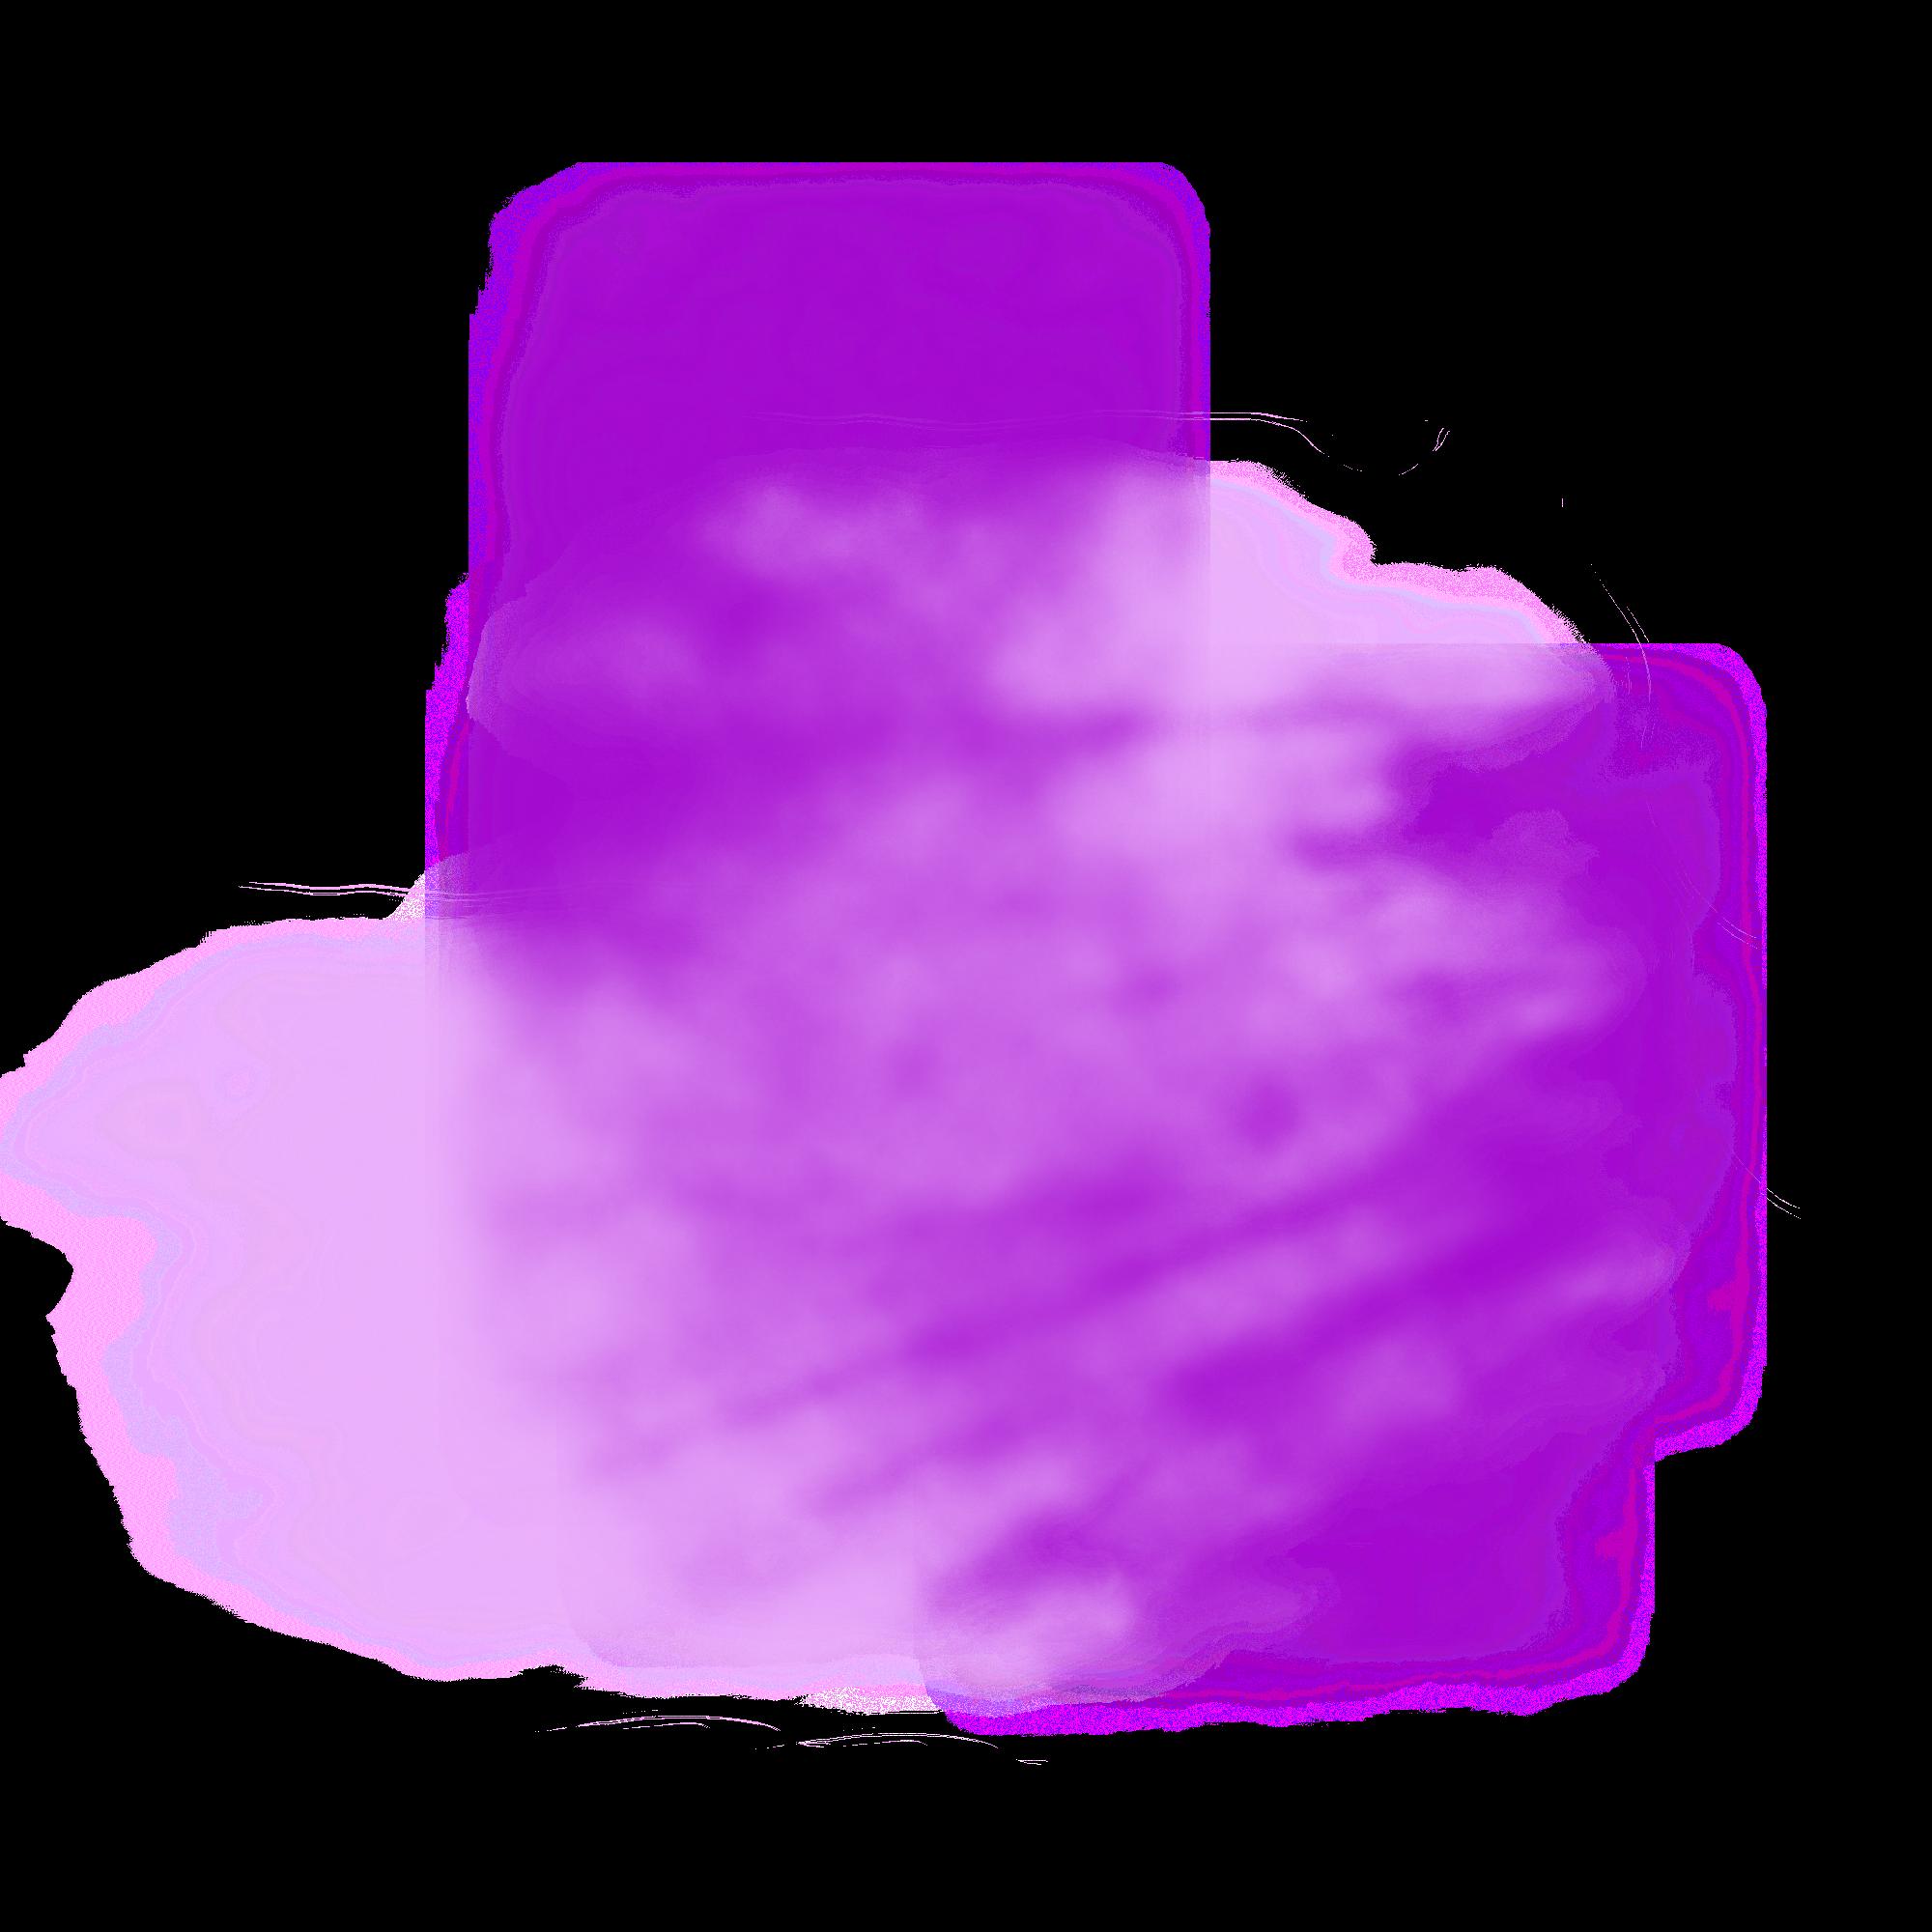 ftestickers mist fog purple - Sticker by Pennyann